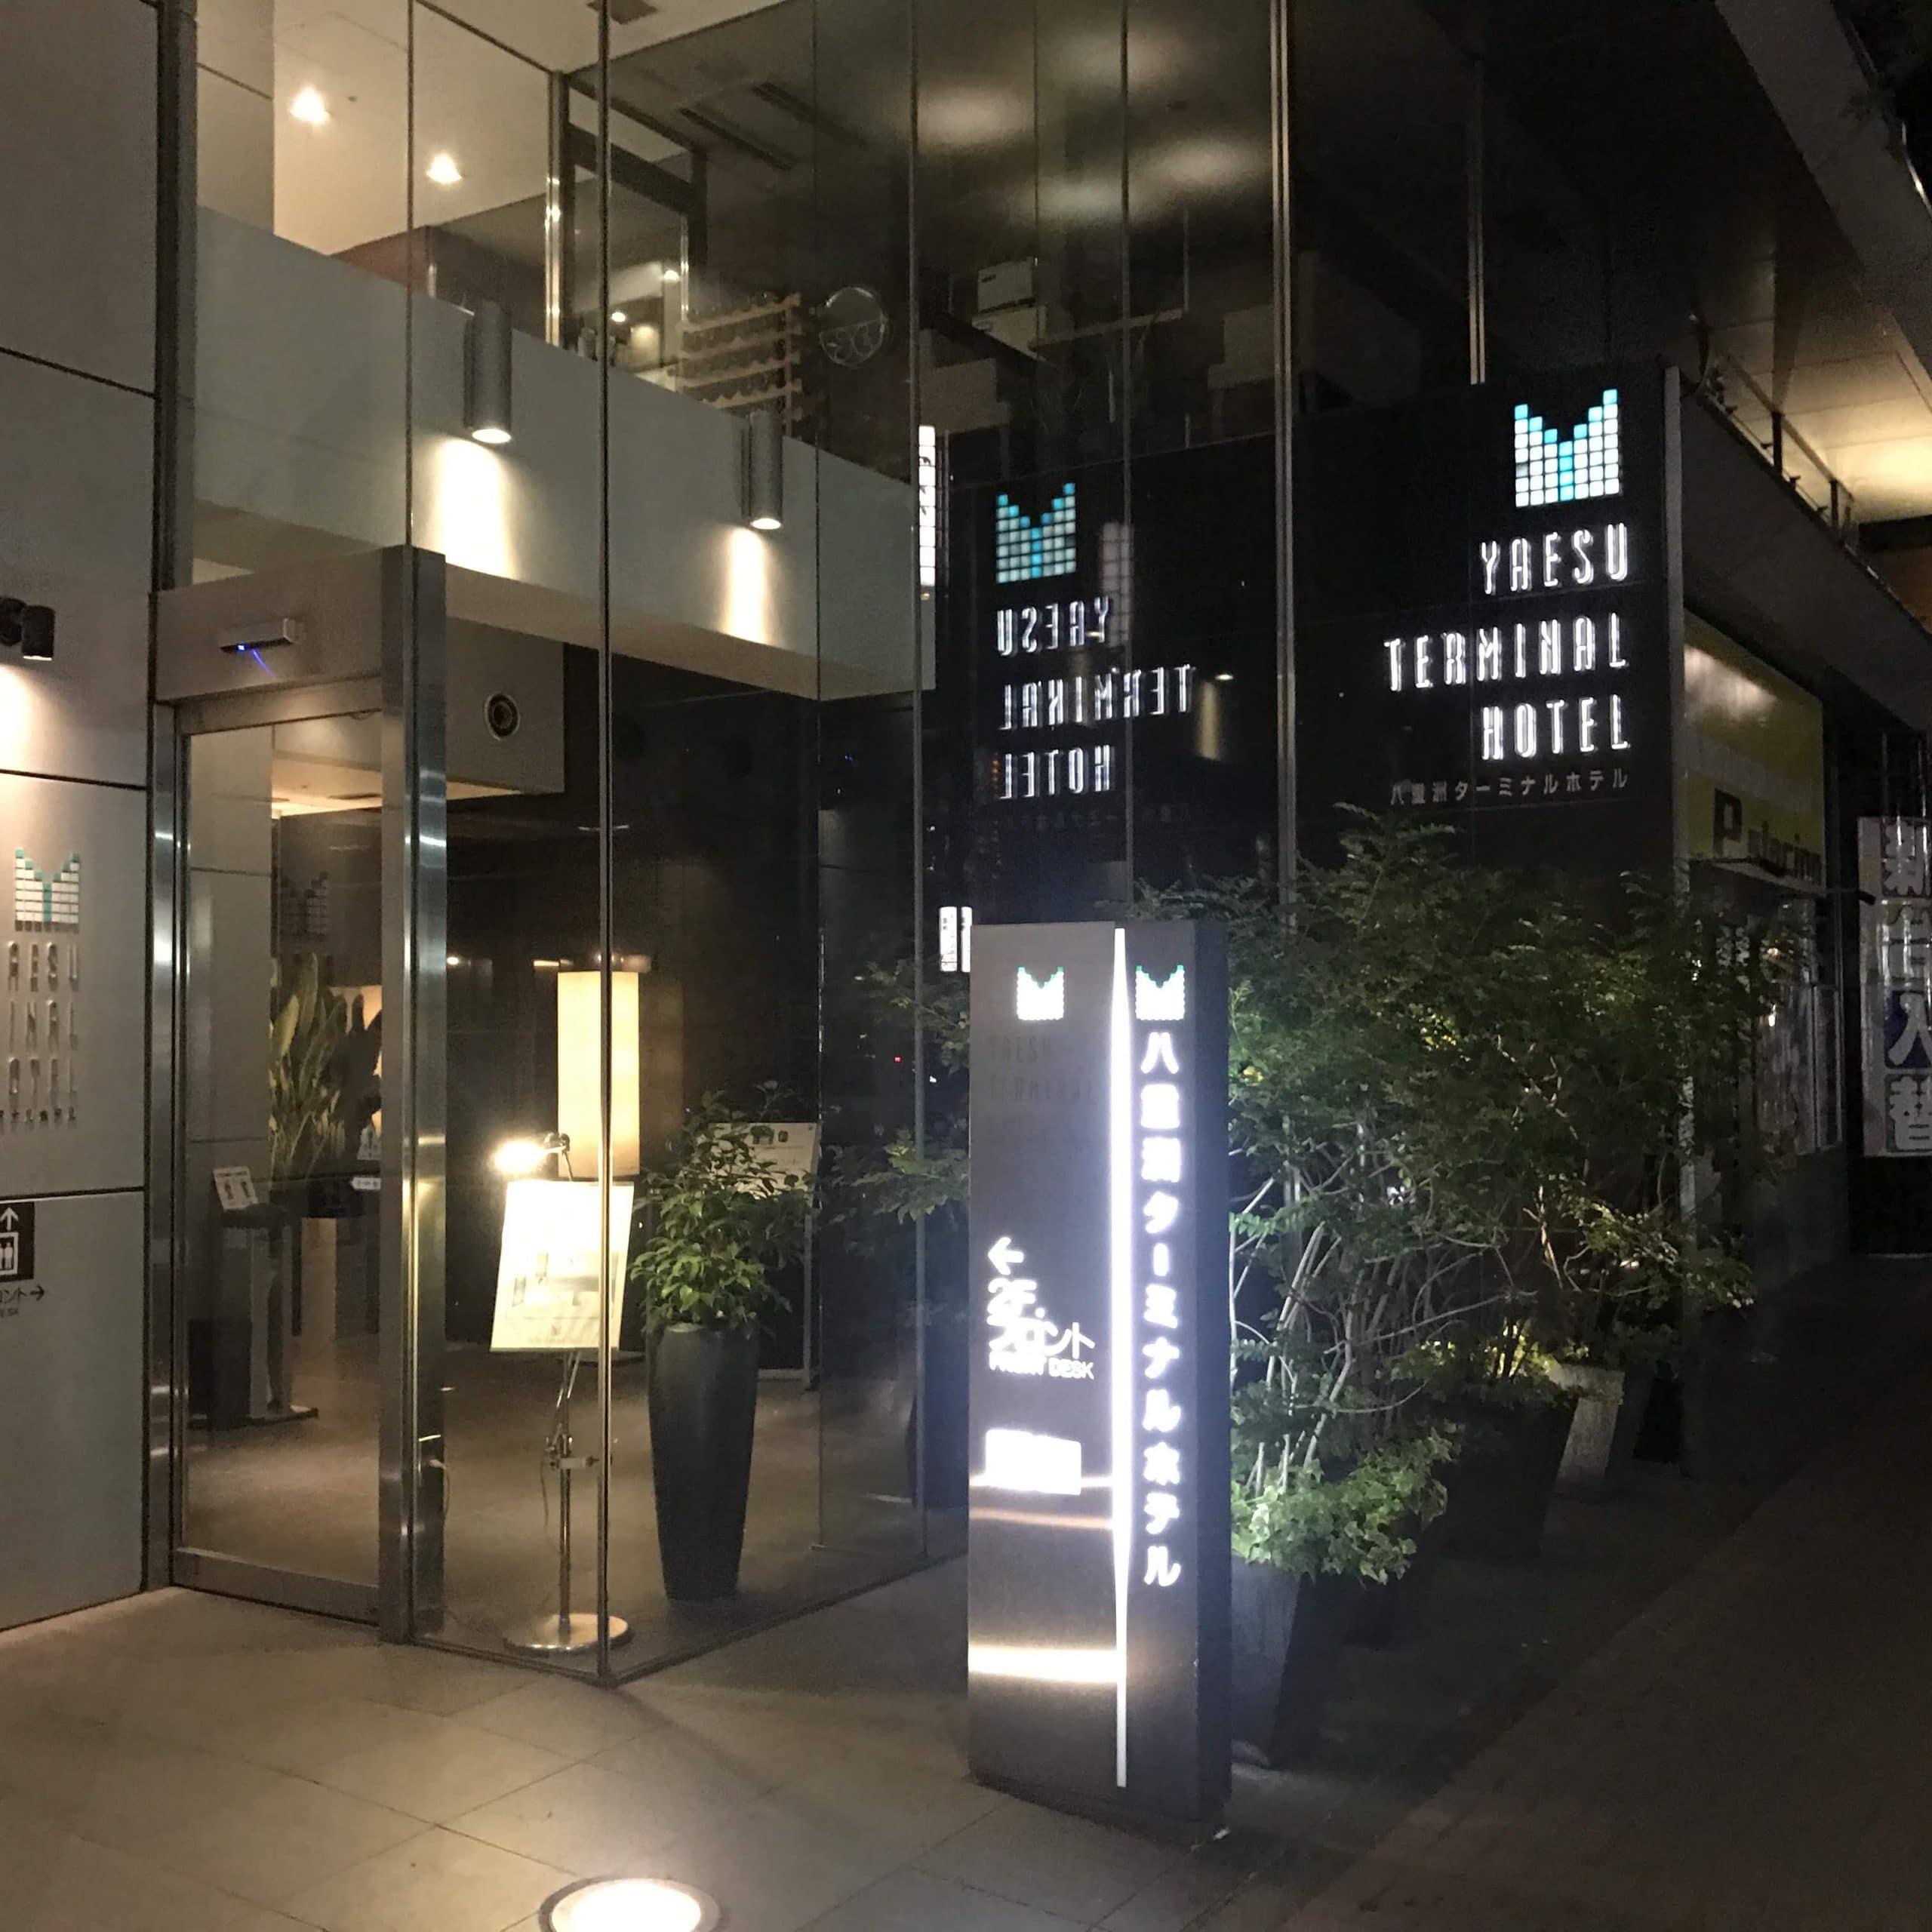 八重洲 ターミナル ホテル